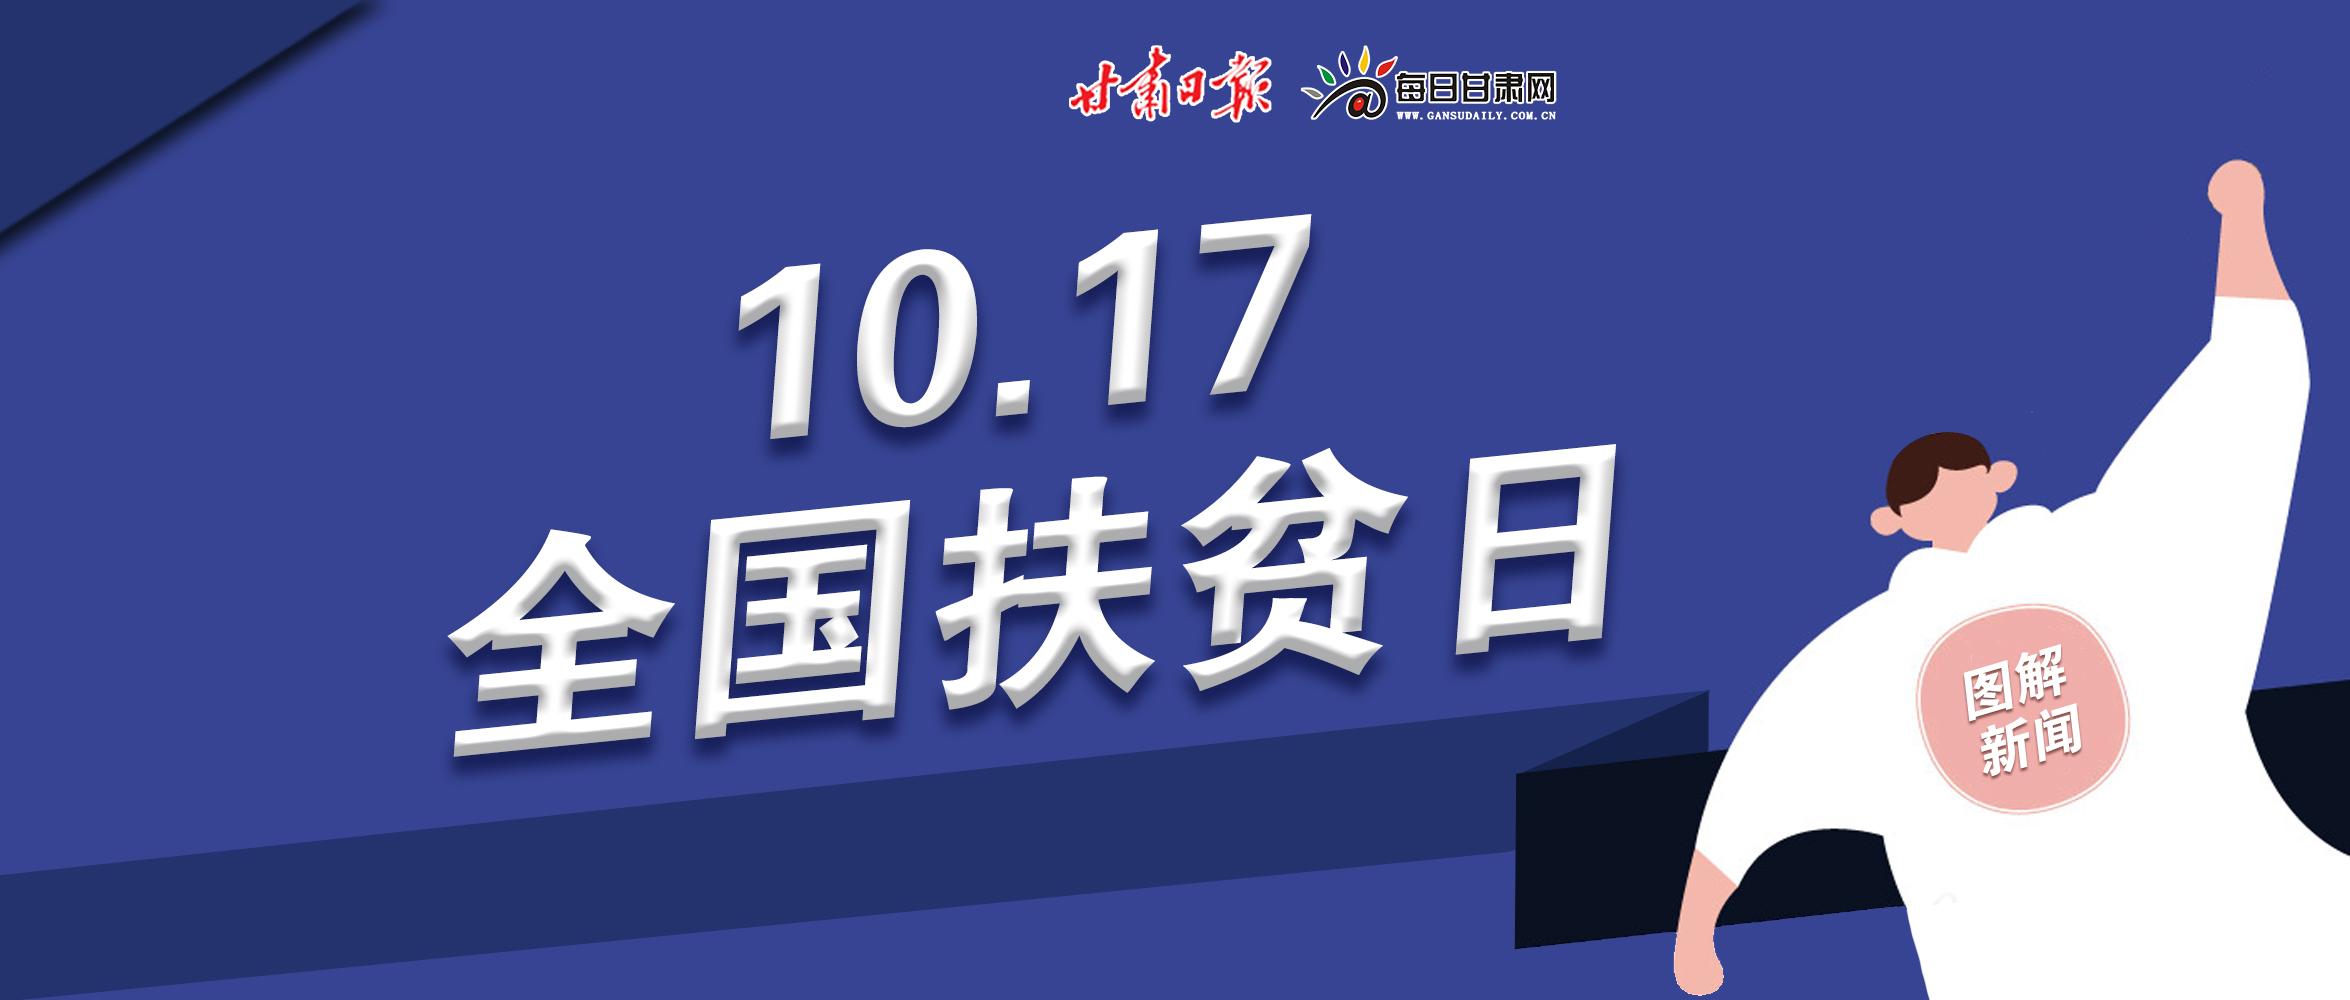 图解 | 10.17全国扶贫日